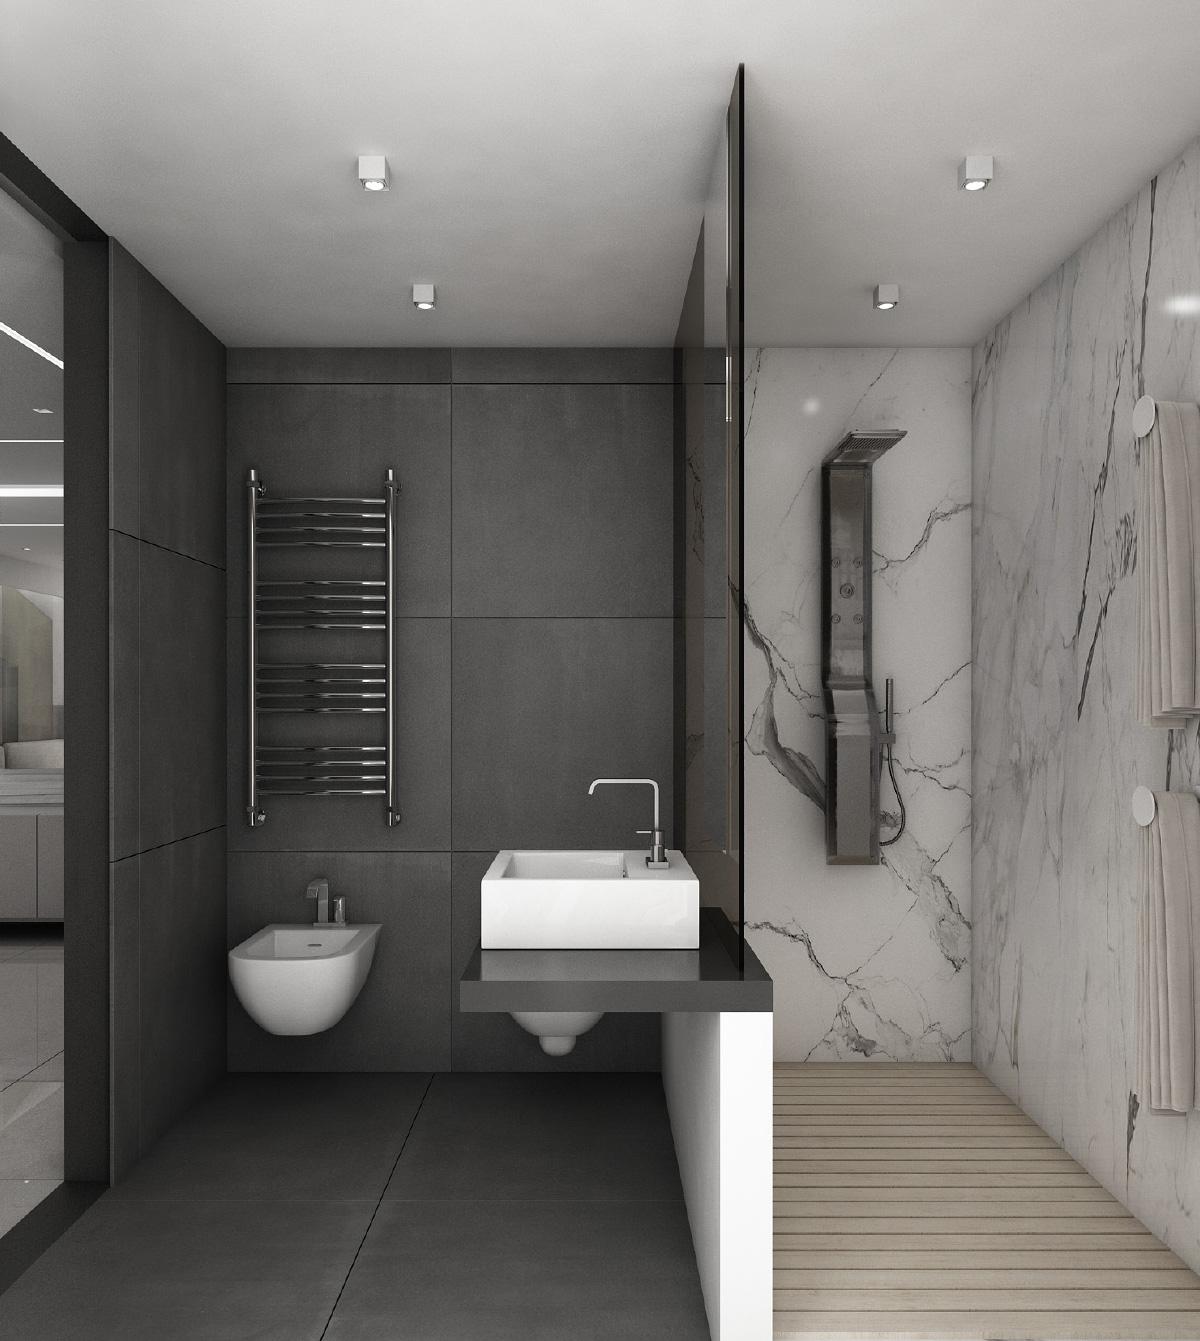 interior_1_2